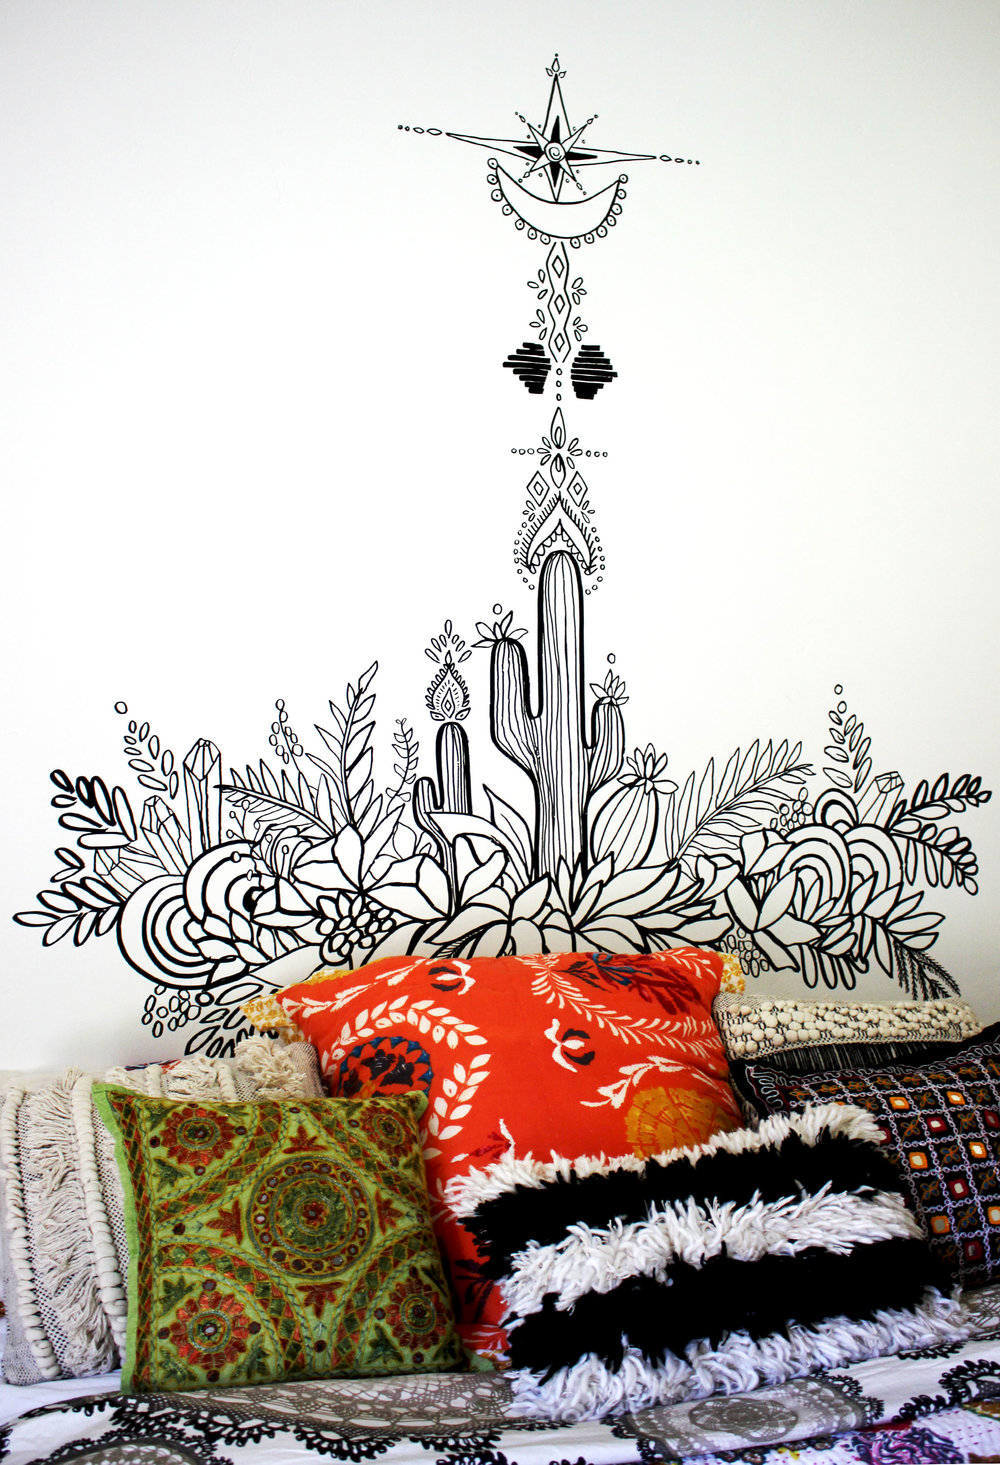 Cactus Mural, 2016